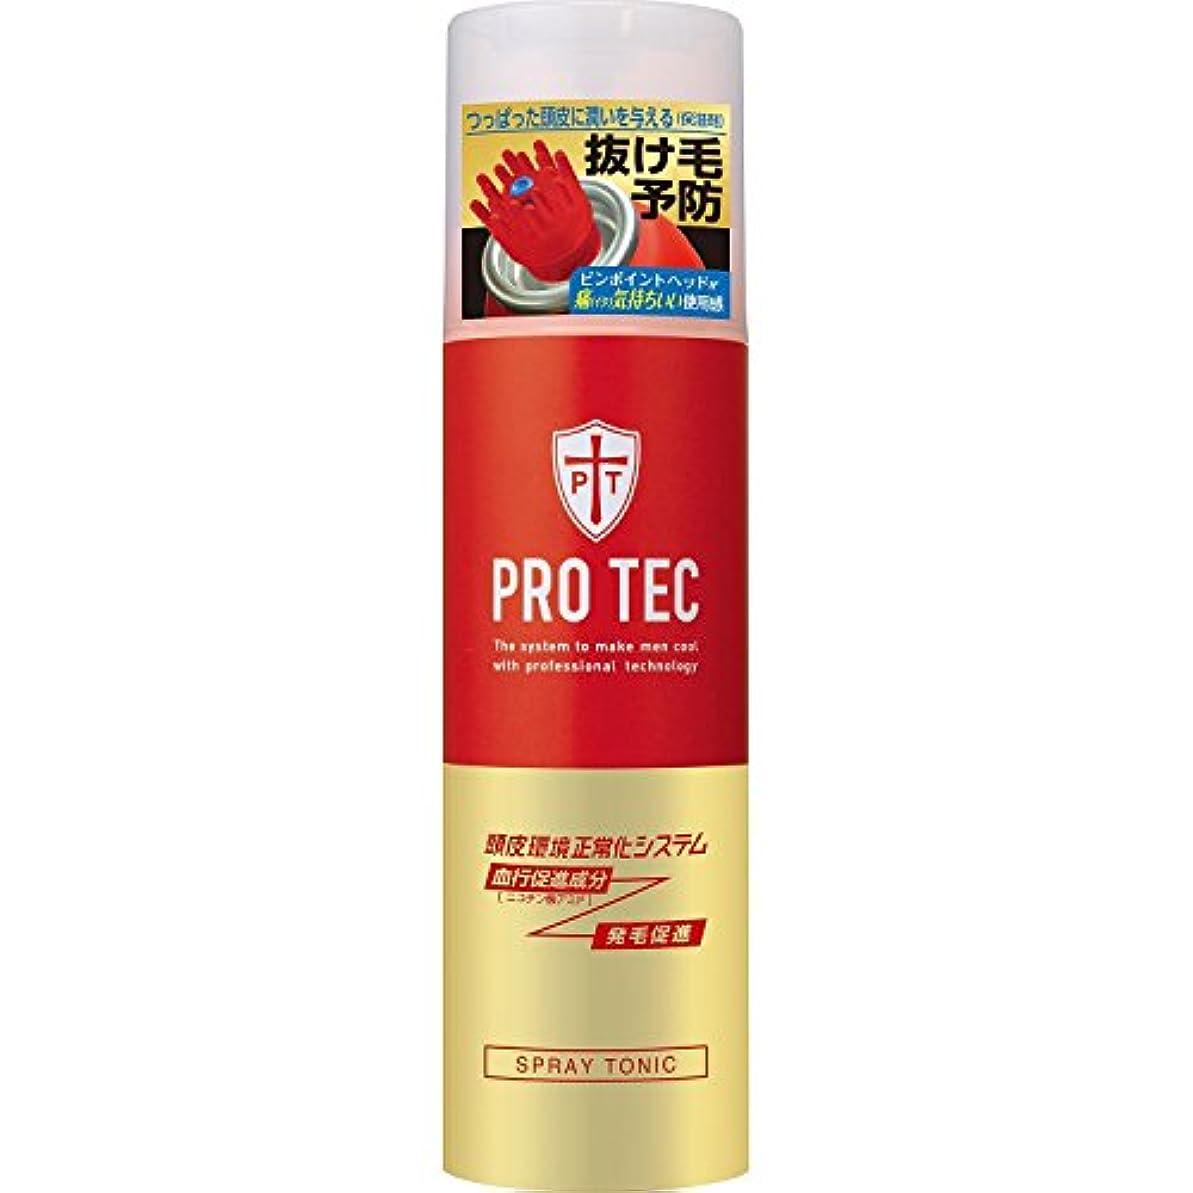 音同様に進捗PRO TEC(プロテク) スプレートニック 150g (医薬部外品) ×10個セット